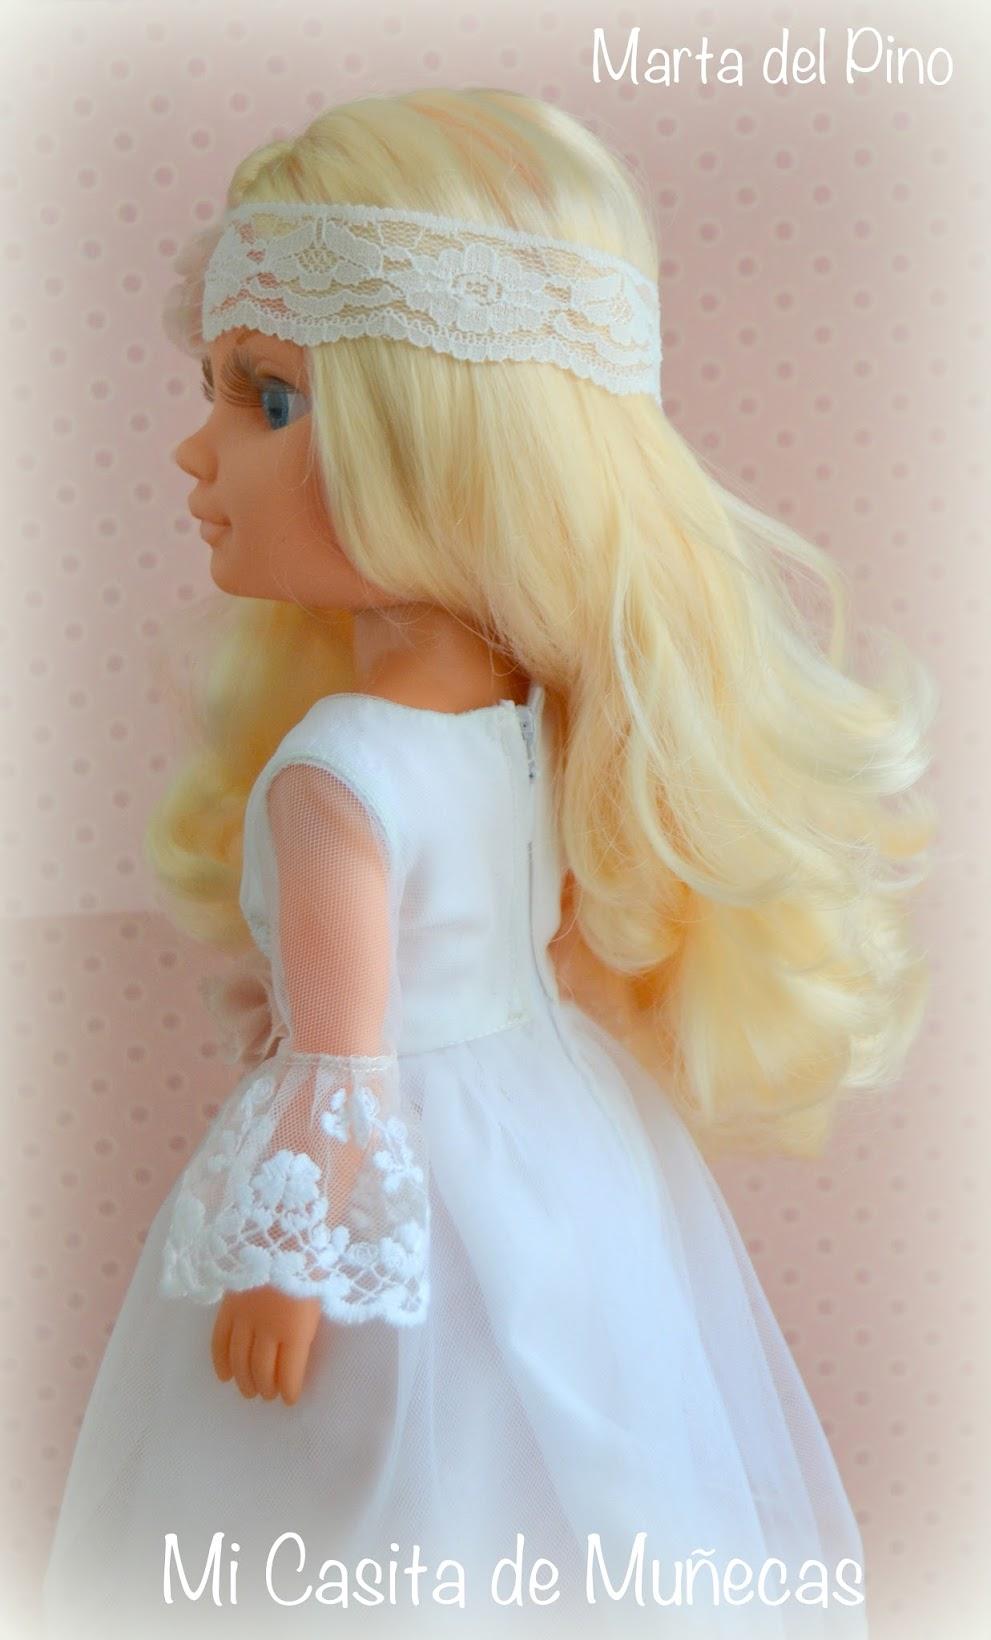 Nancy y sus vestidos, vestido de comunión, muñeca de comunión, nancy comunión, Mi Casita de Muñecas, Marta del Pino,